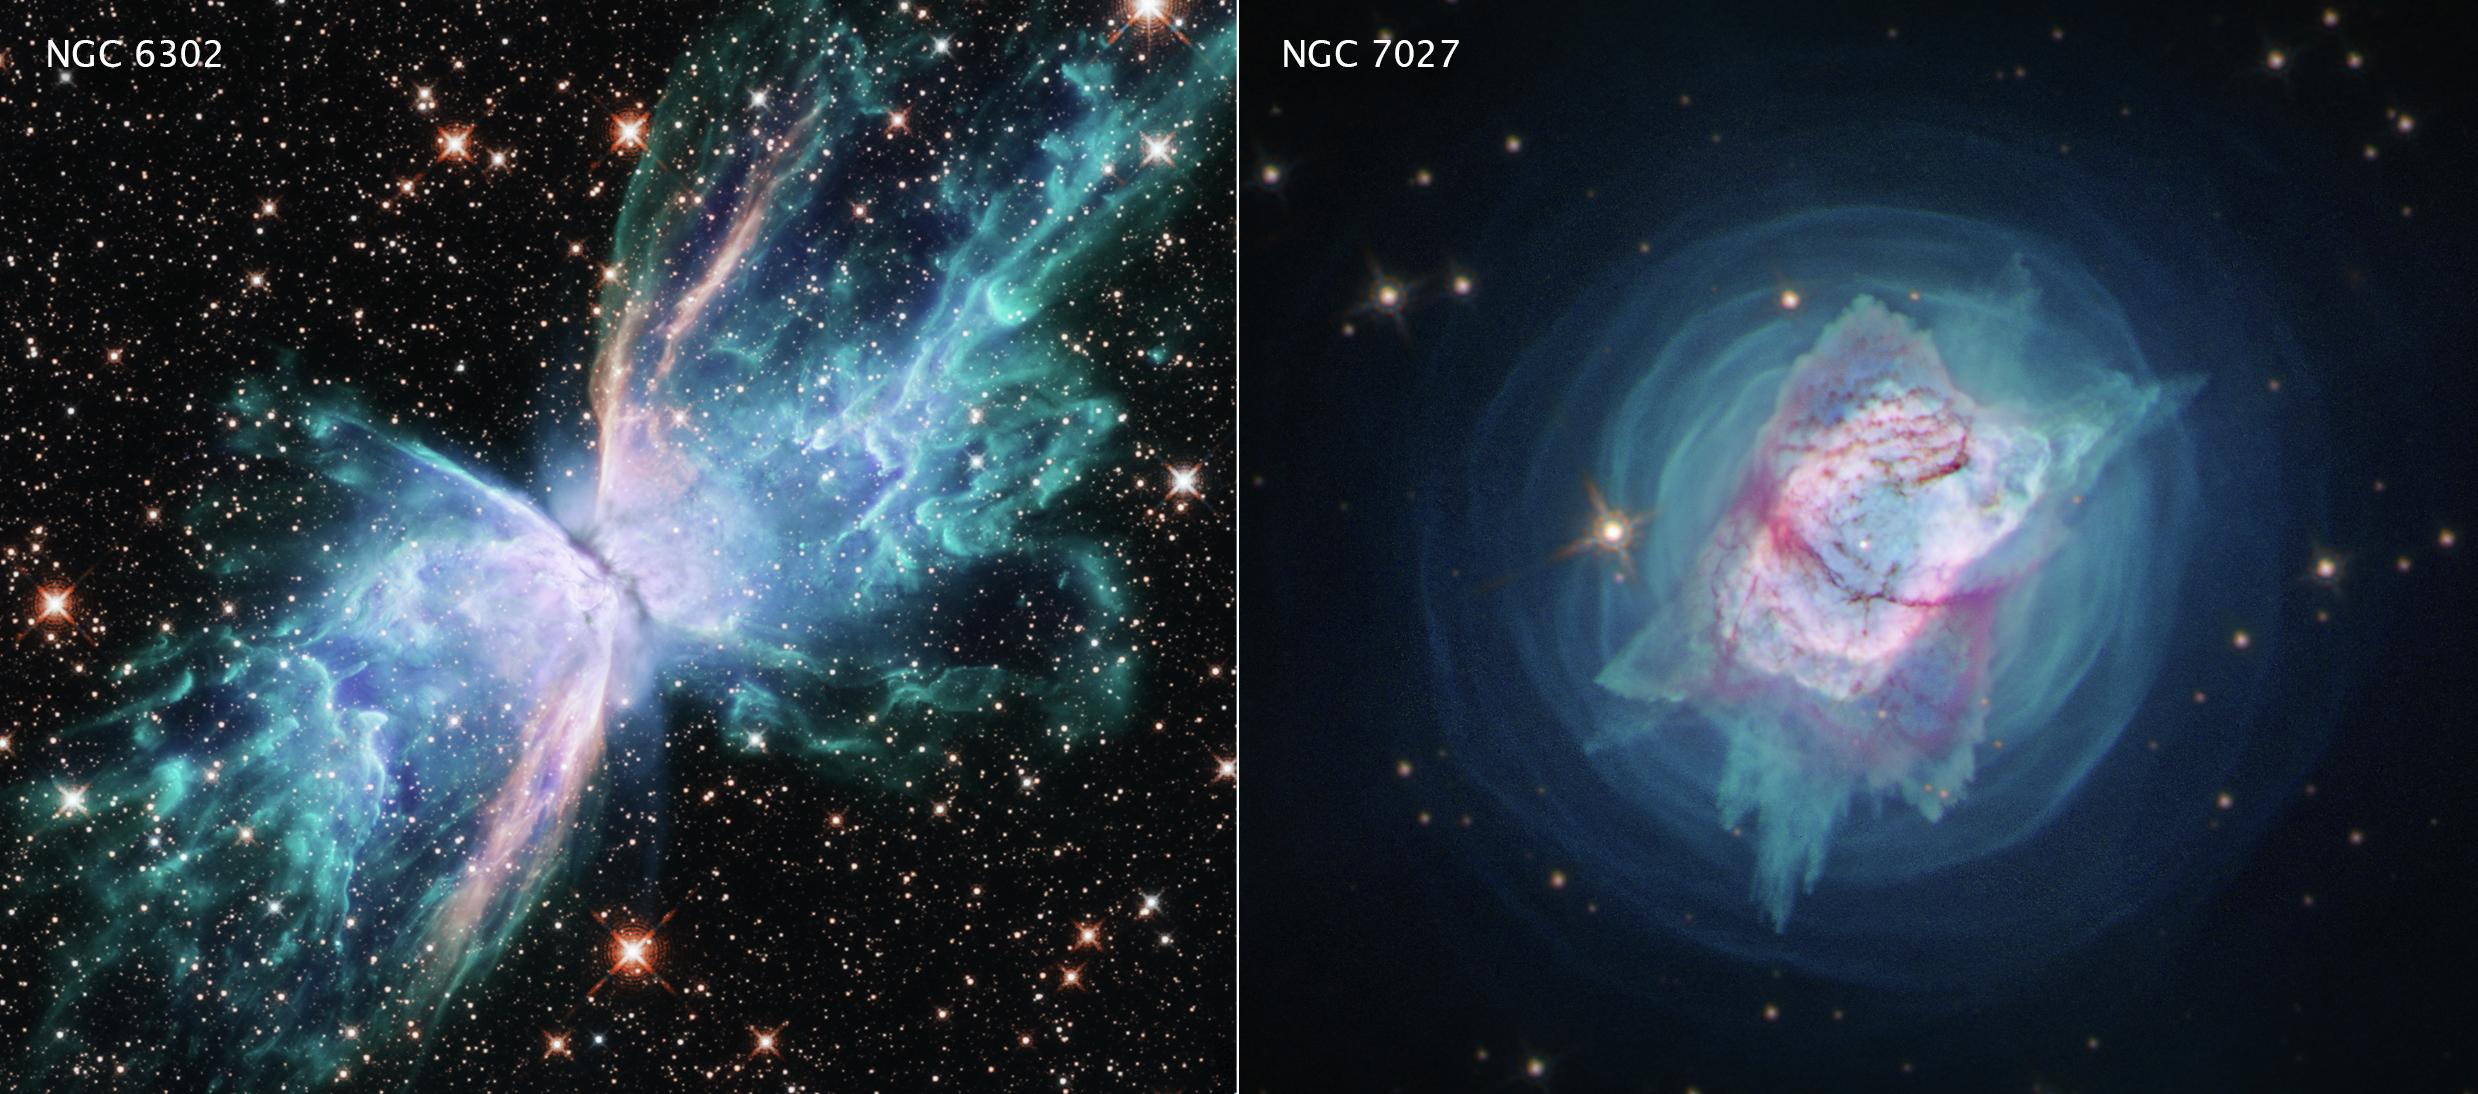 NGC 6302 o Nebulosa de la Mariposa (izda.) y NGC 7027, que se asemeja a un insecto con una concha metálica muy brillante. NASA.